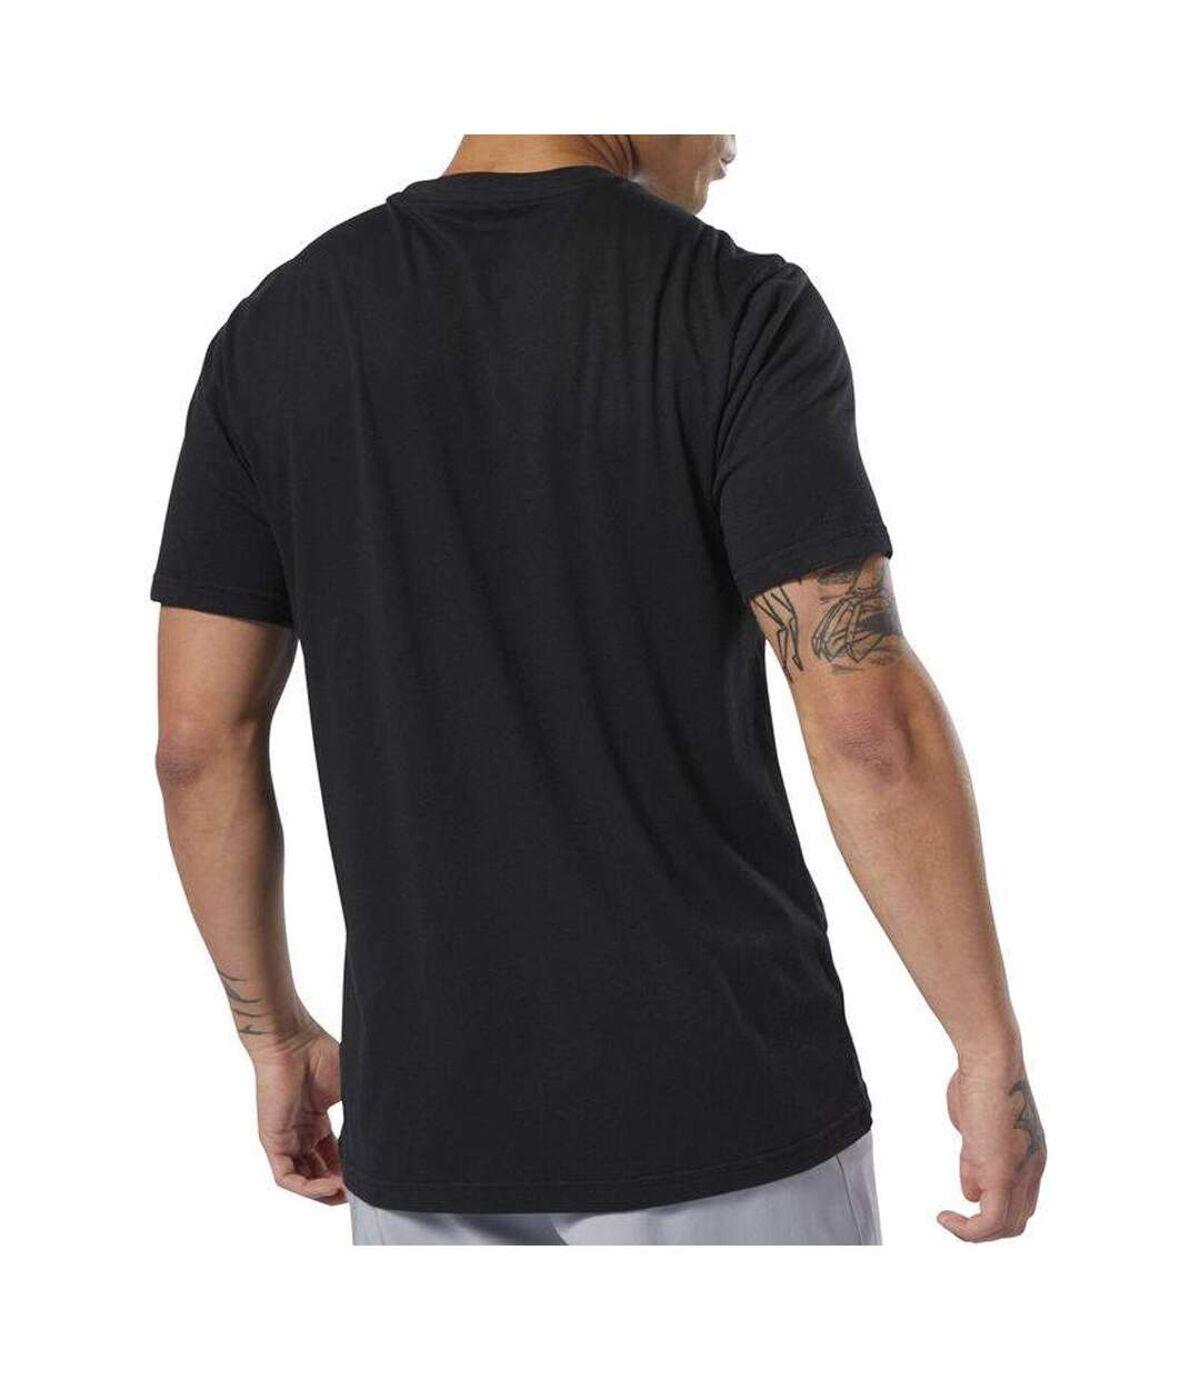 T-shirt Noir Homme Reebok UFC